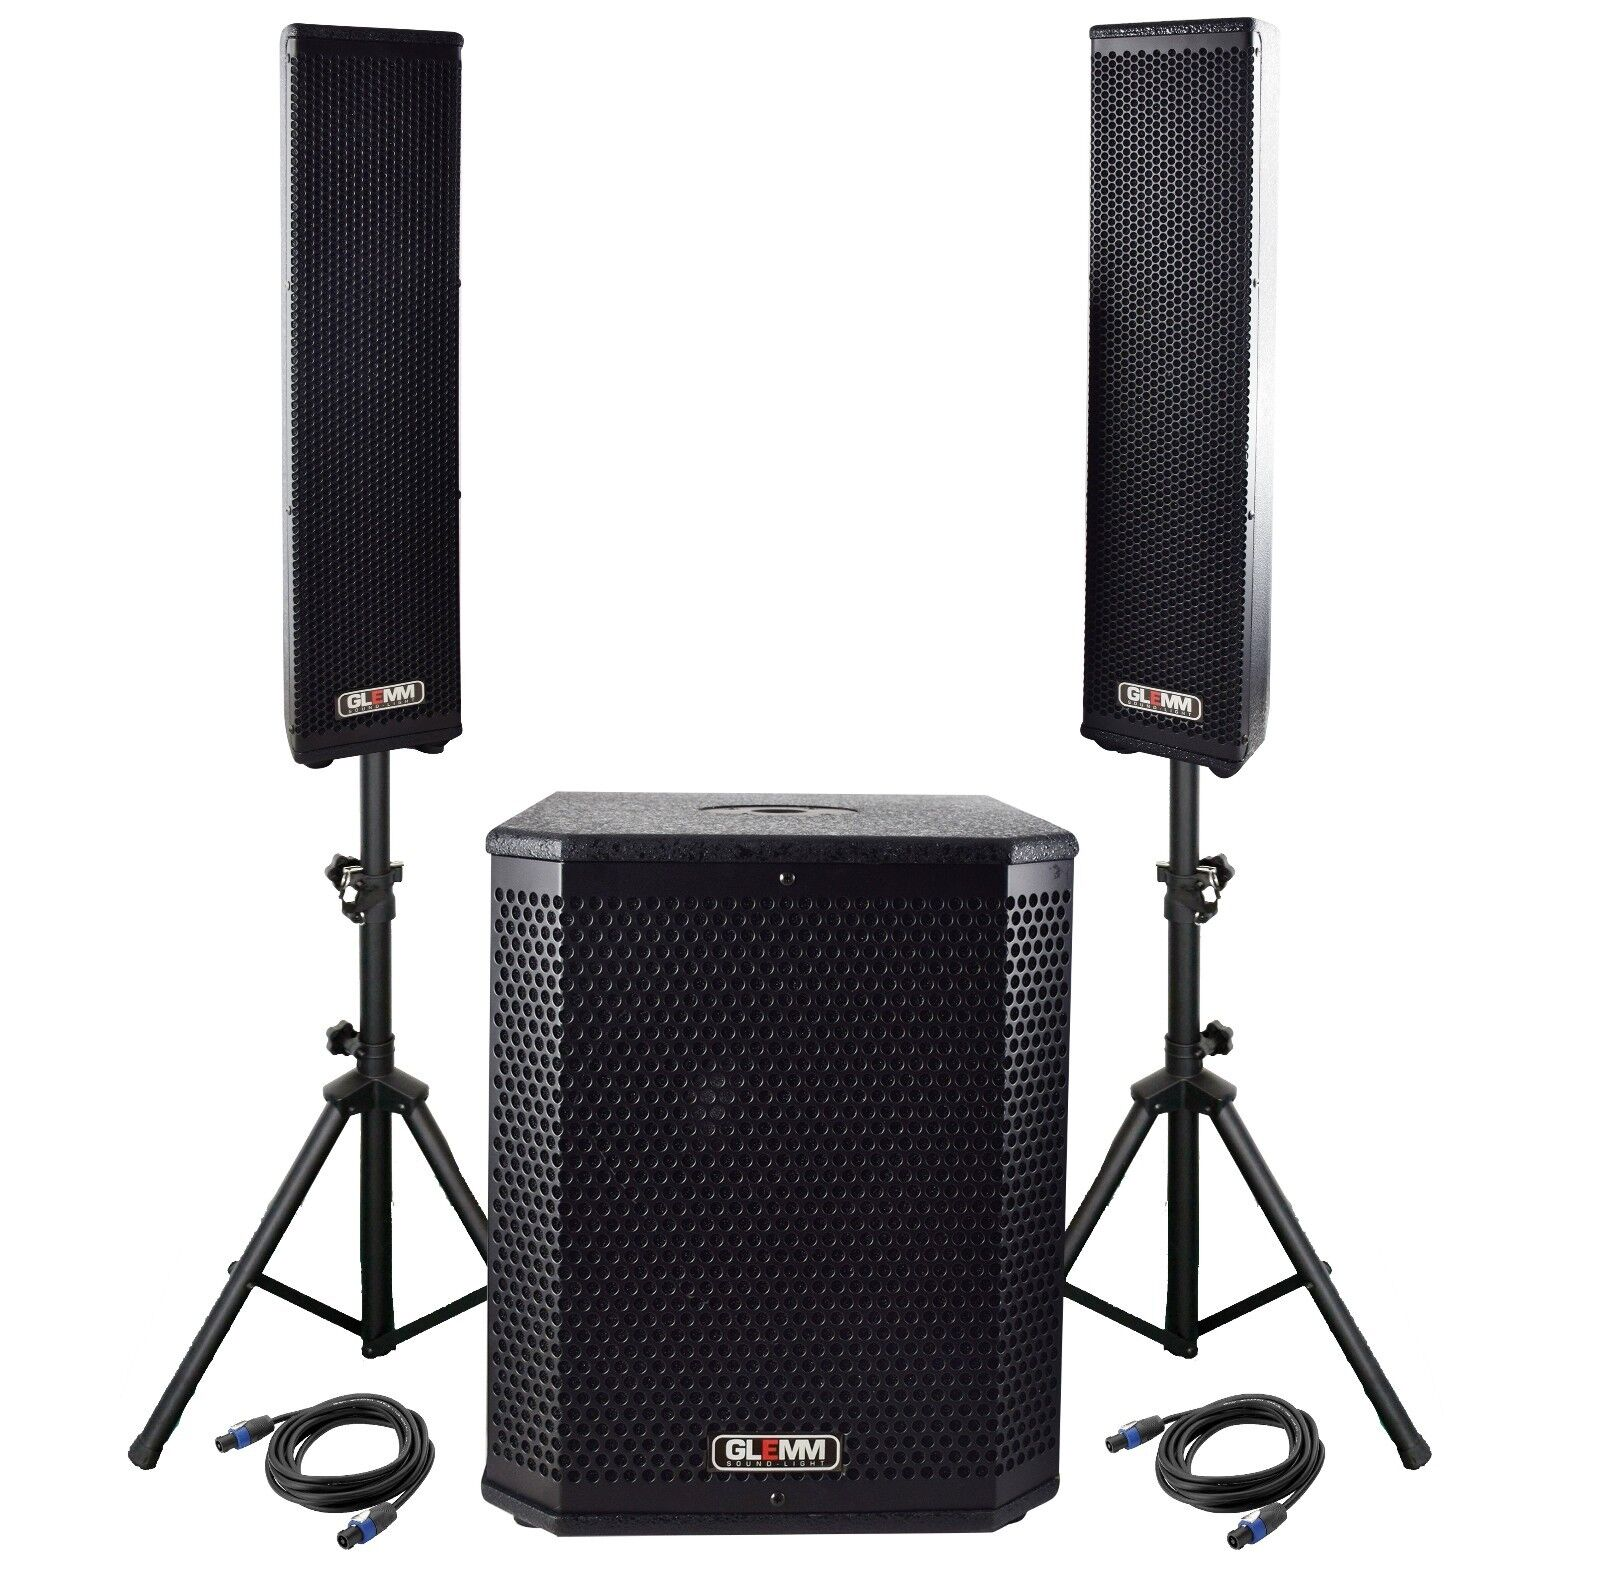 COMBO 900 900 900 kit diffusori 900w 9e7aed